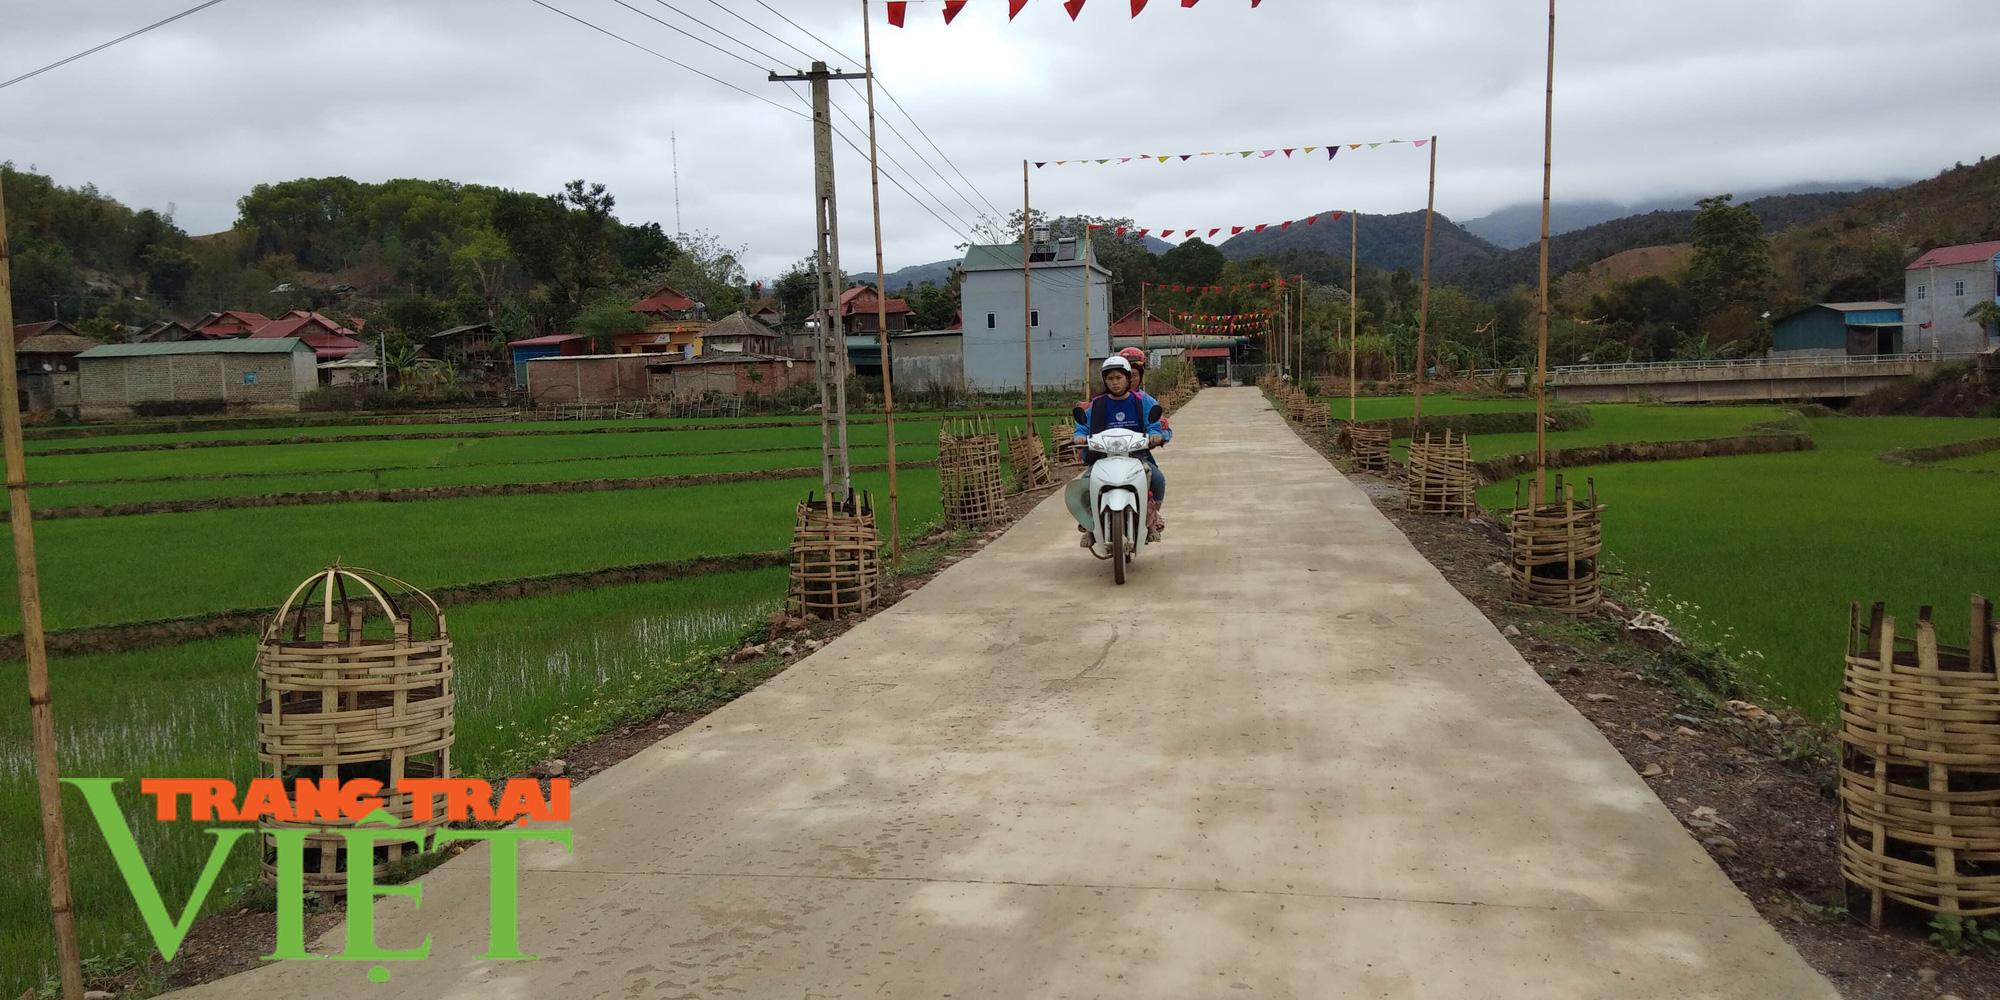 Sốp Cộp thực hiện giải pháp xây dựng xã nông thôn mới nâng cao - Ảnh 1.